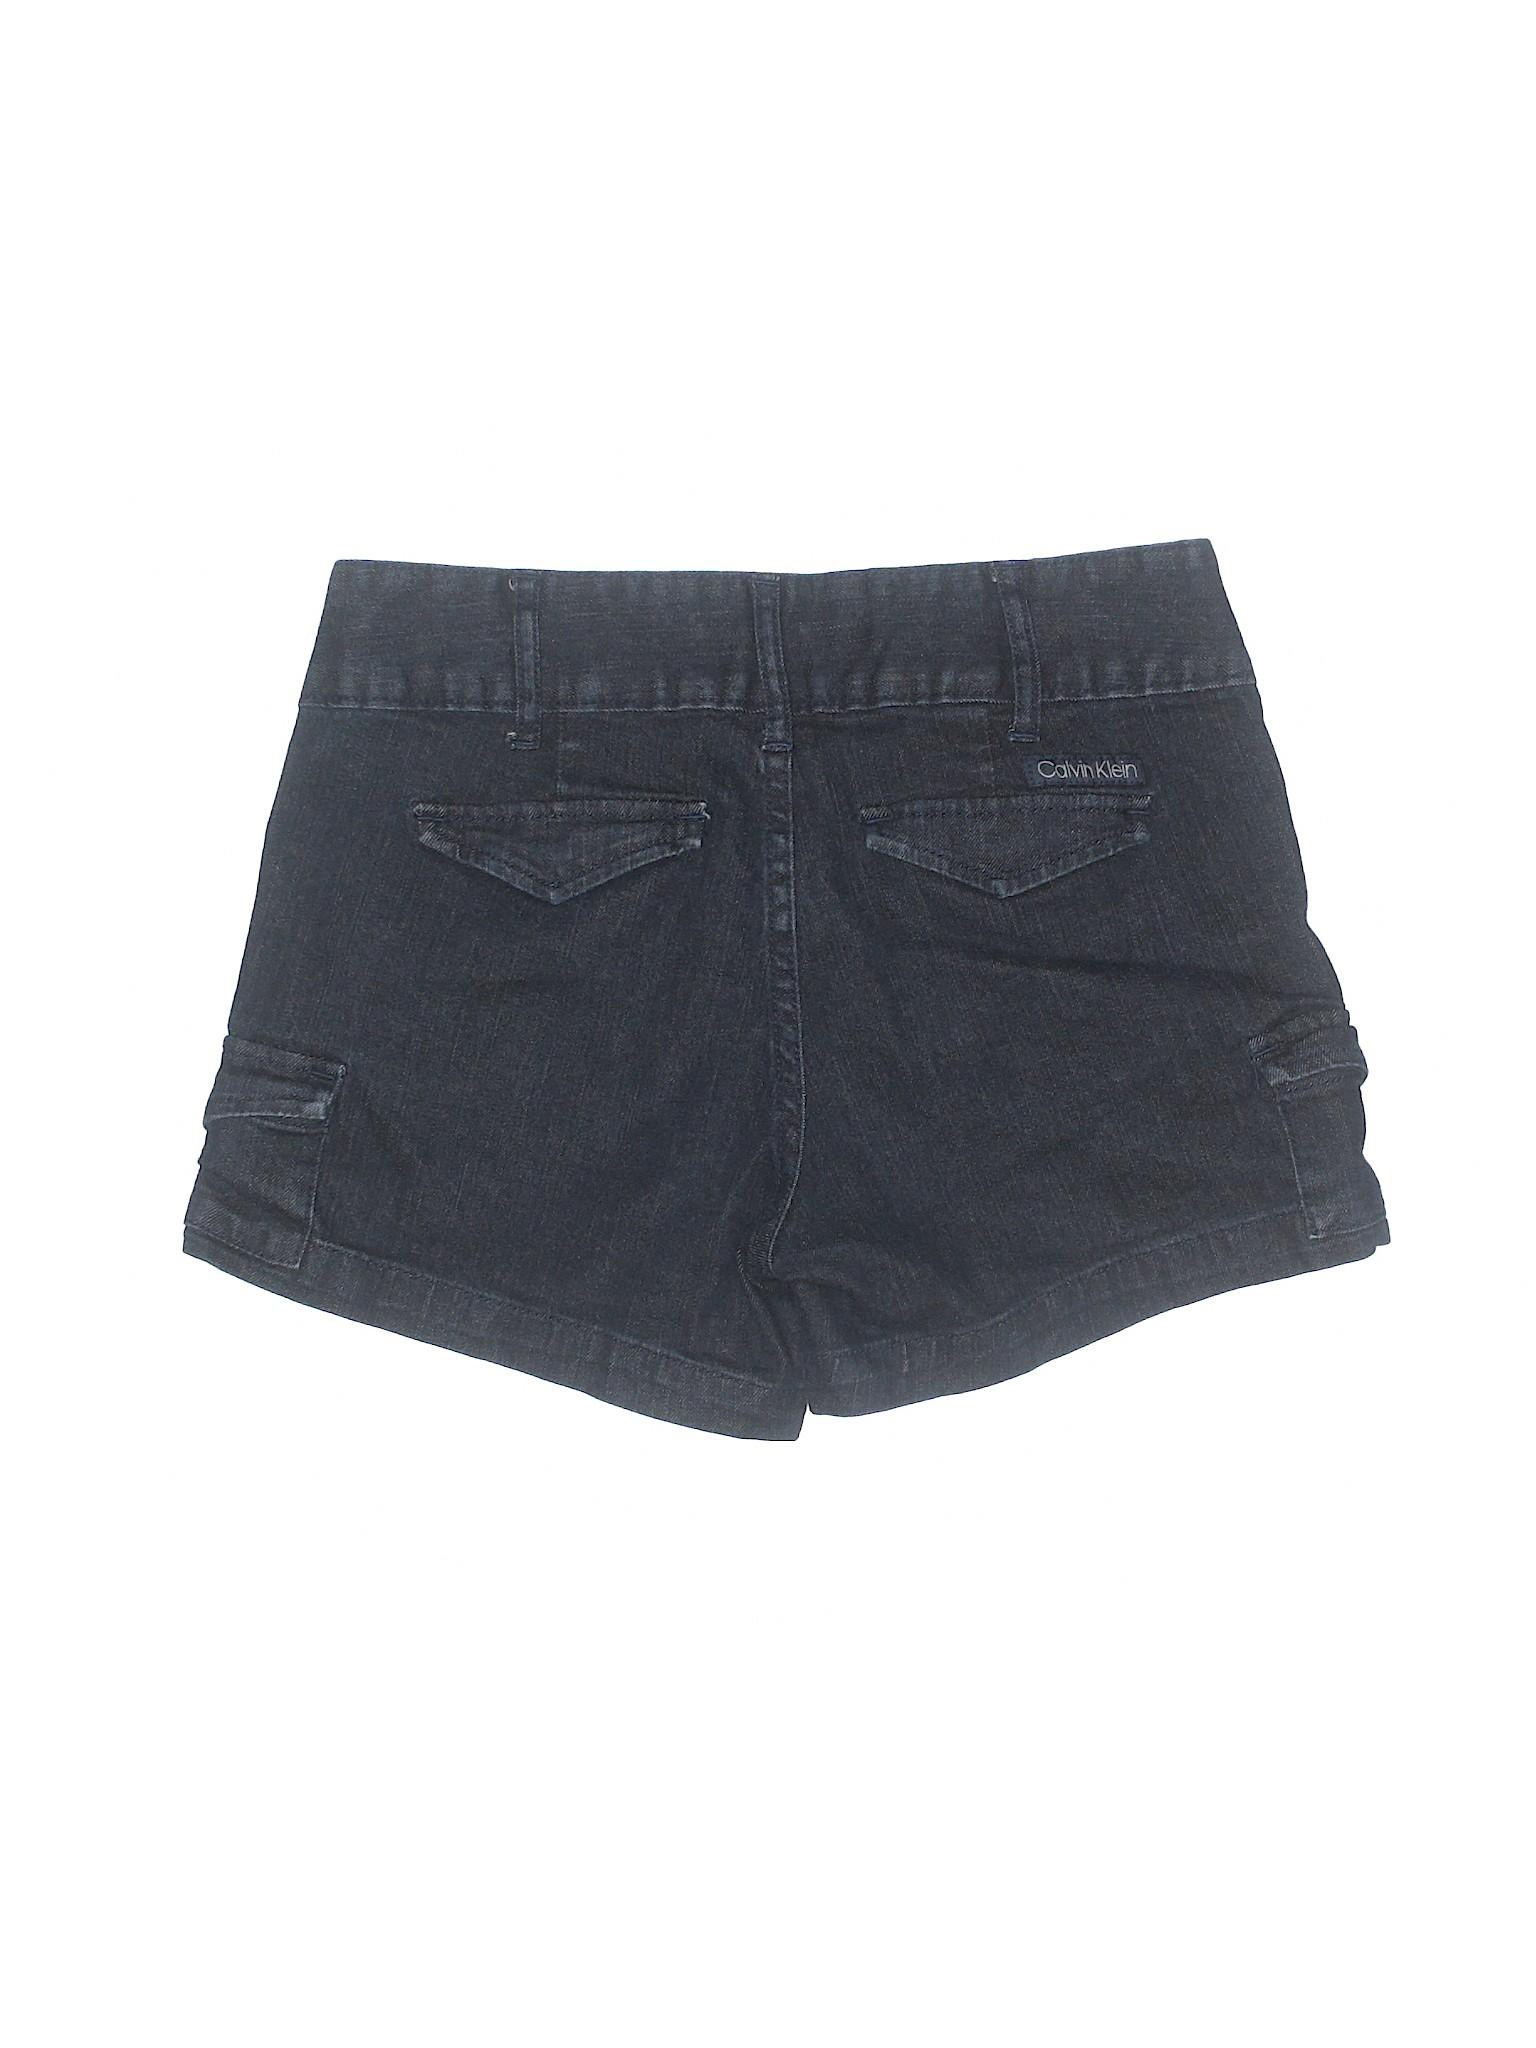 CALVIN leisure Denim JEANS Shorts KLEIN Boutique 1Bn70